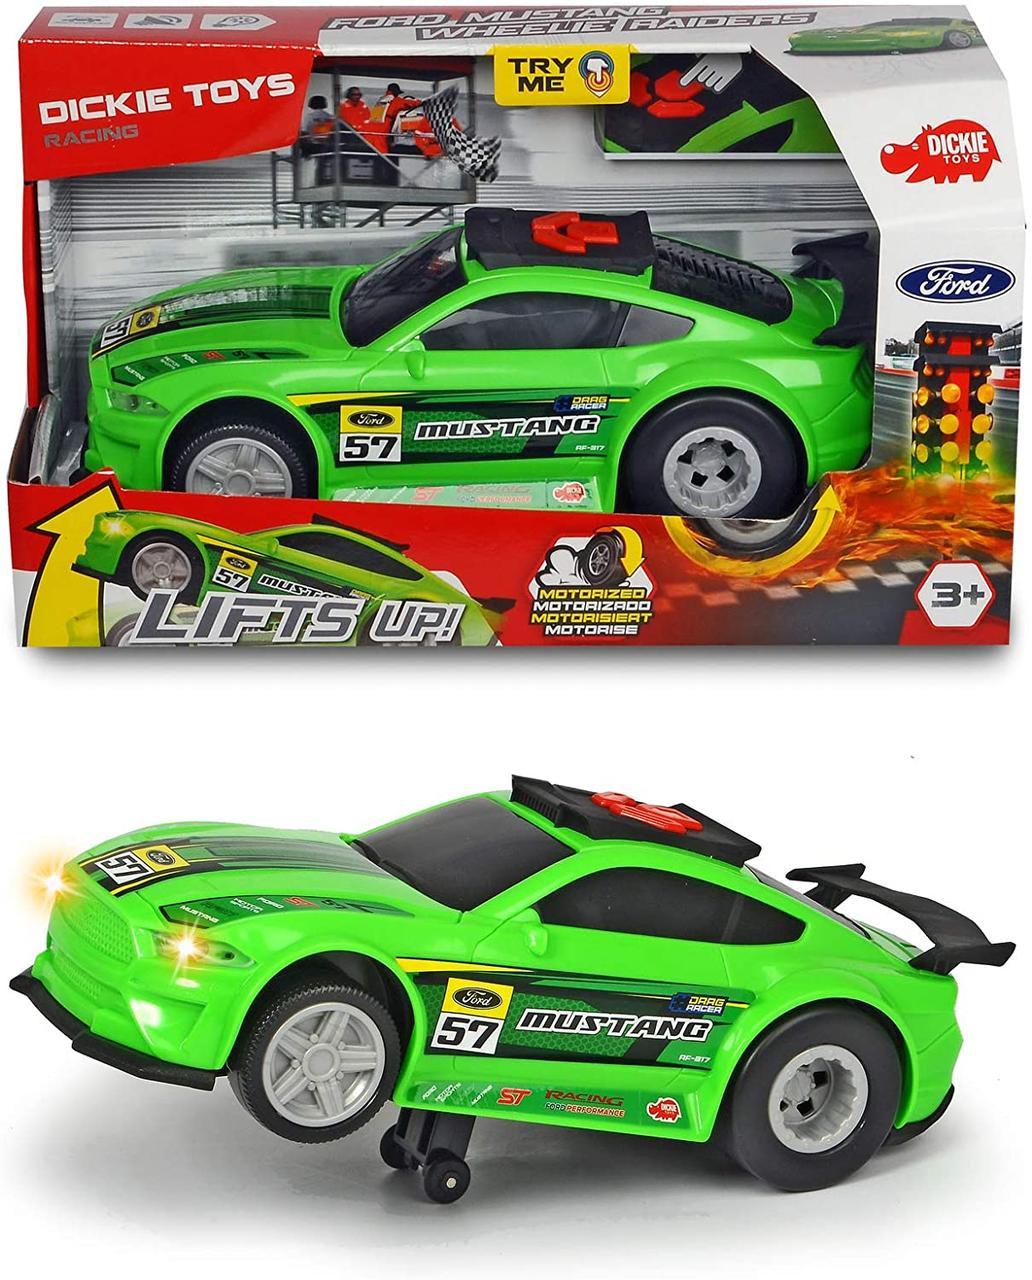 Скоростной автомобиль Форд Мустанг с функцией езды на задних колесах Dickie Toys 3764009